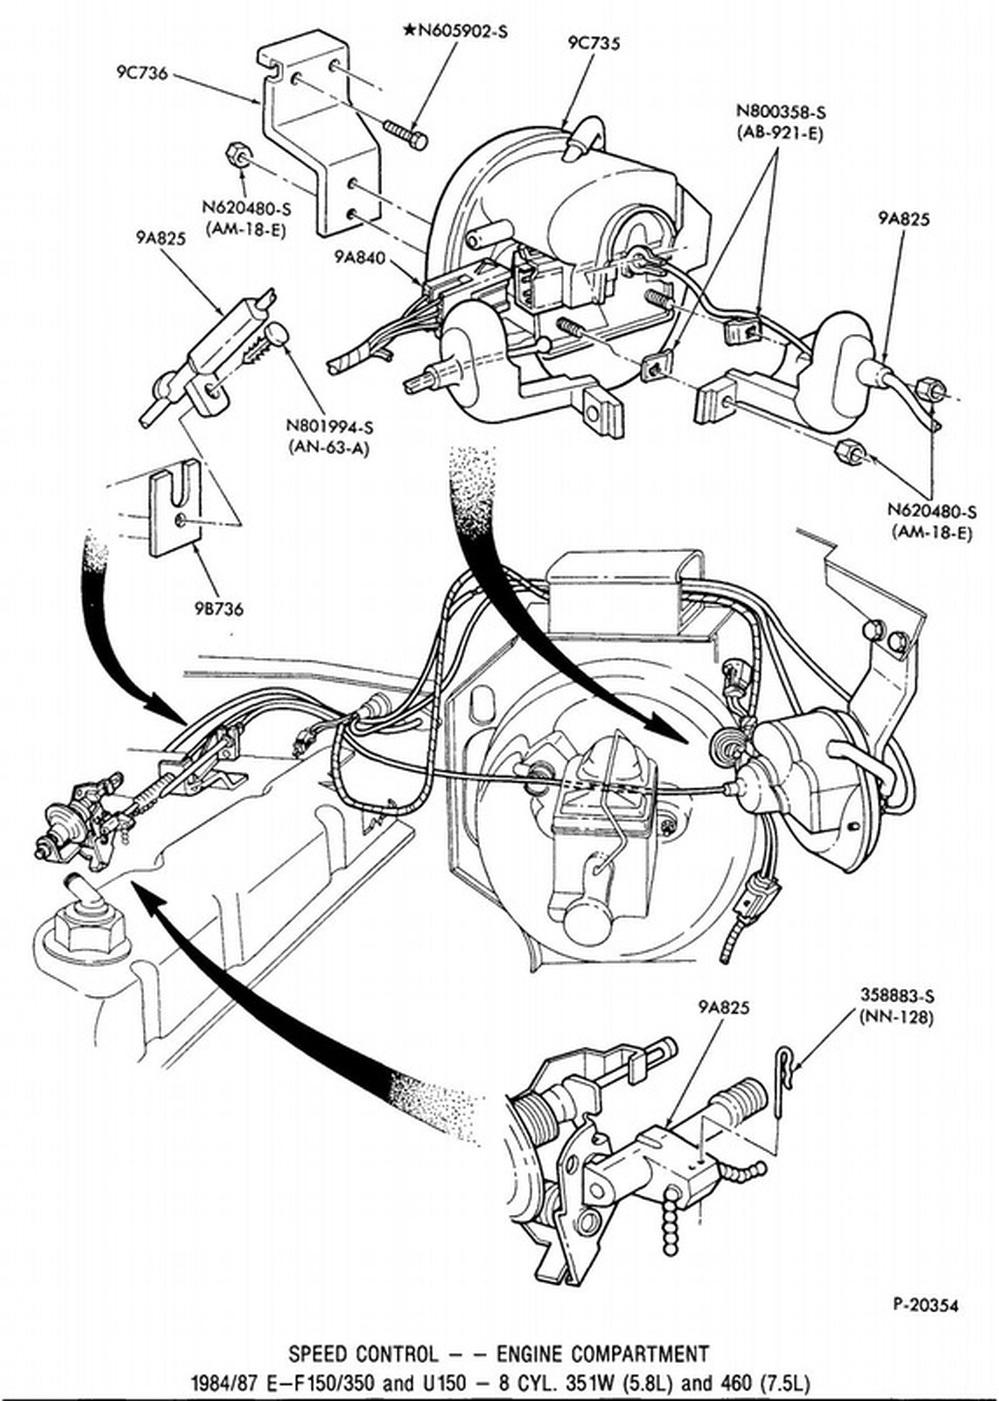 1988 ford f 150 5 8 engine diagram